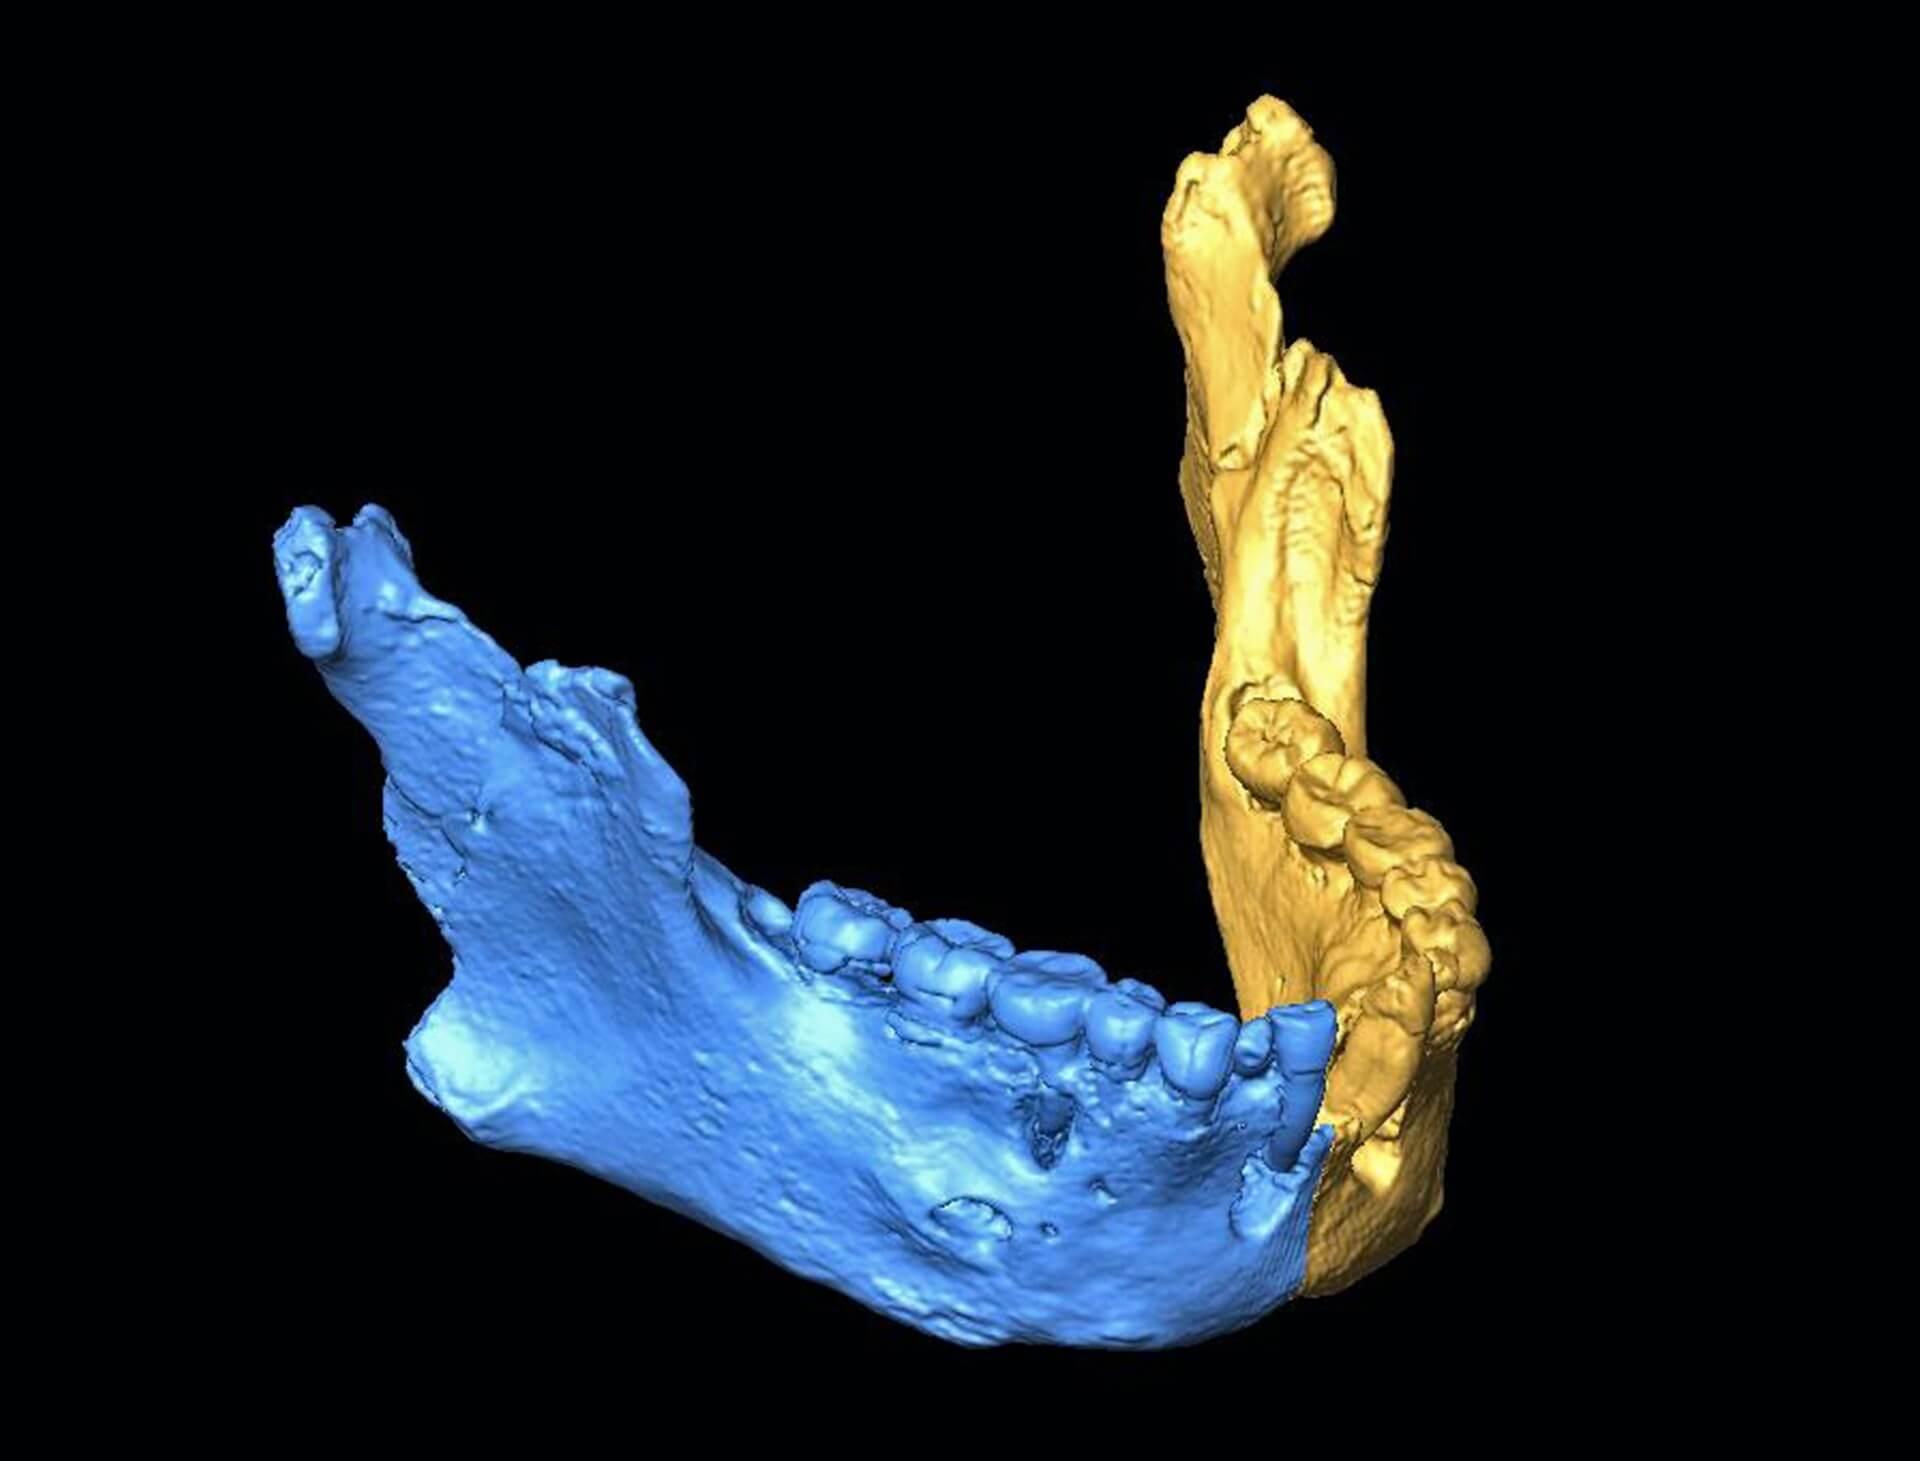 Los neandertales de el sidrón palarq